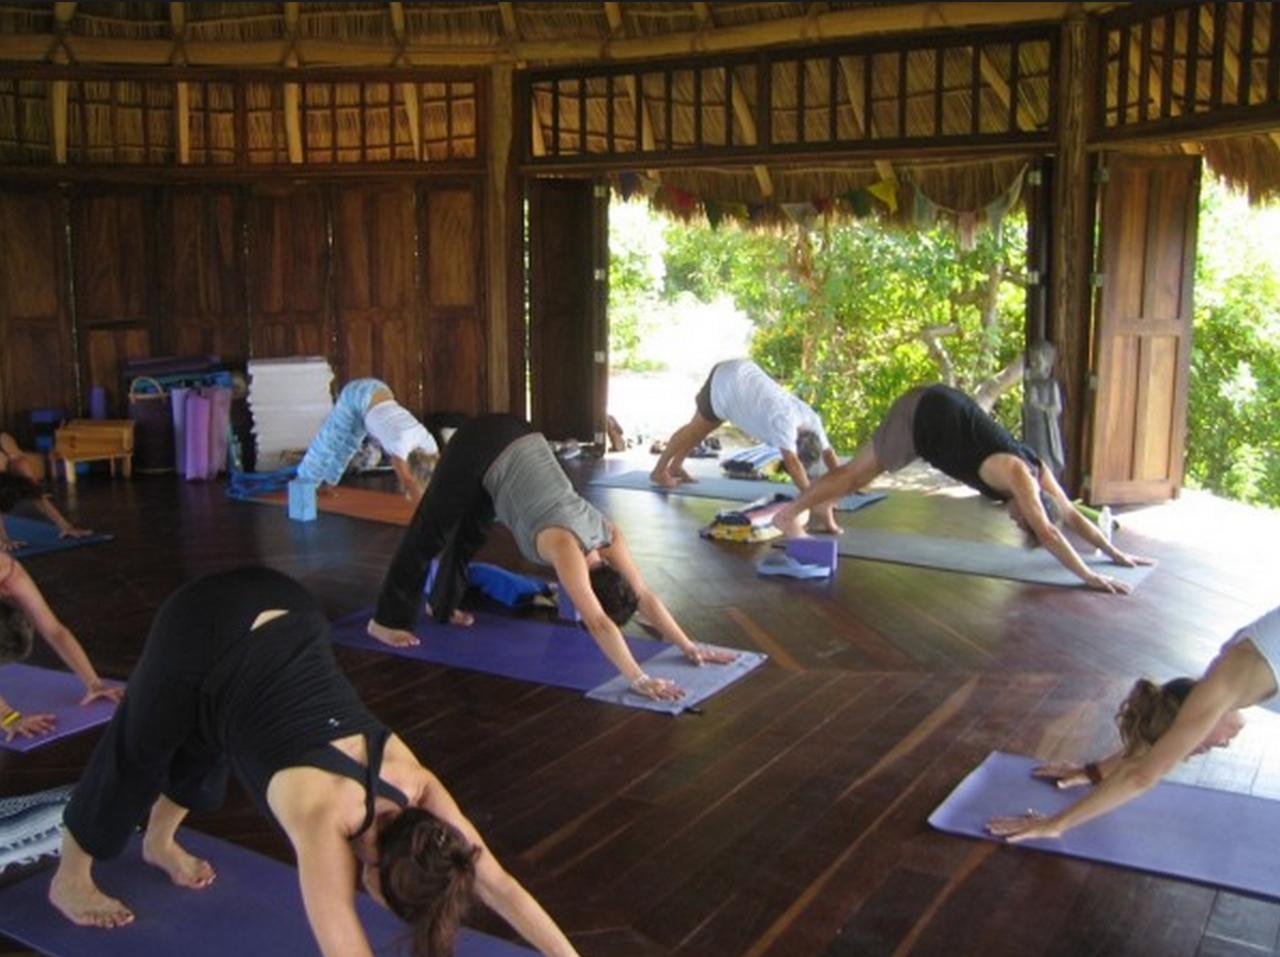 Running wine yoga retreat for women event retreat guru for Yoga and wine retreat